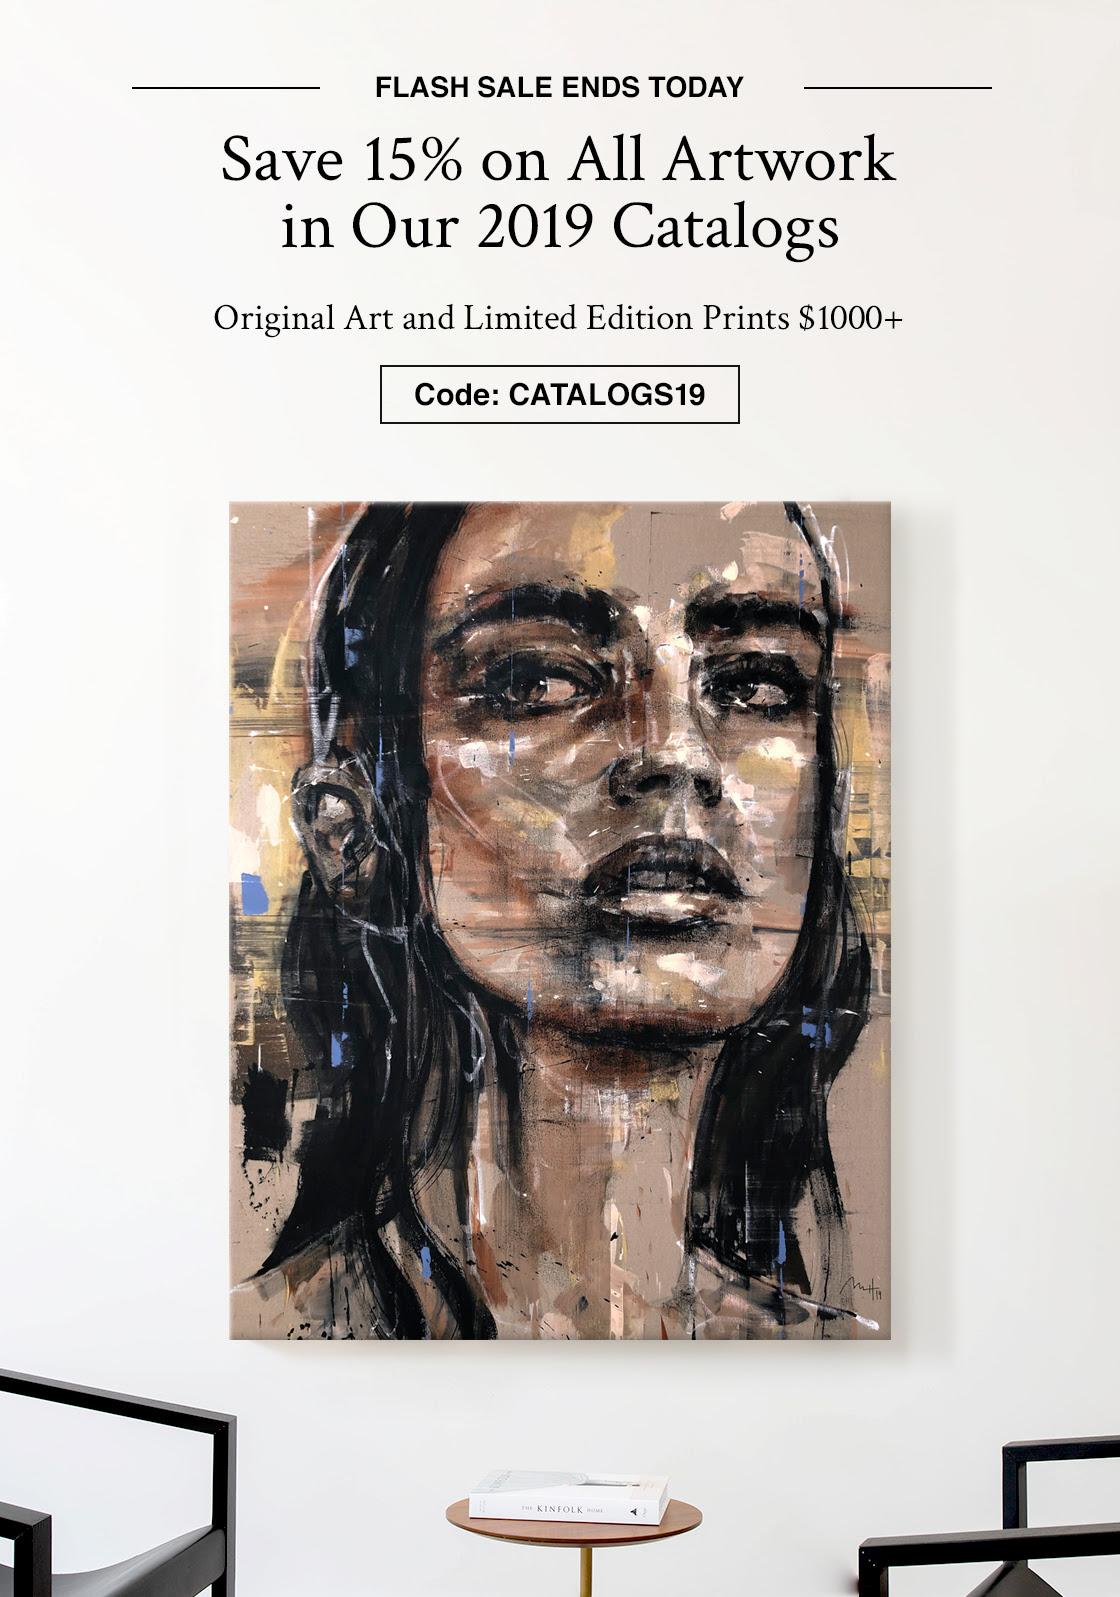 FLASH VENDA TERMINA AMANHÃ |  Economize 15% em todas as obras de arte em nossos catálogos de 2019 Arte original e edição limitada imprime $ 1000+ |  Código: CATÁLOGO19